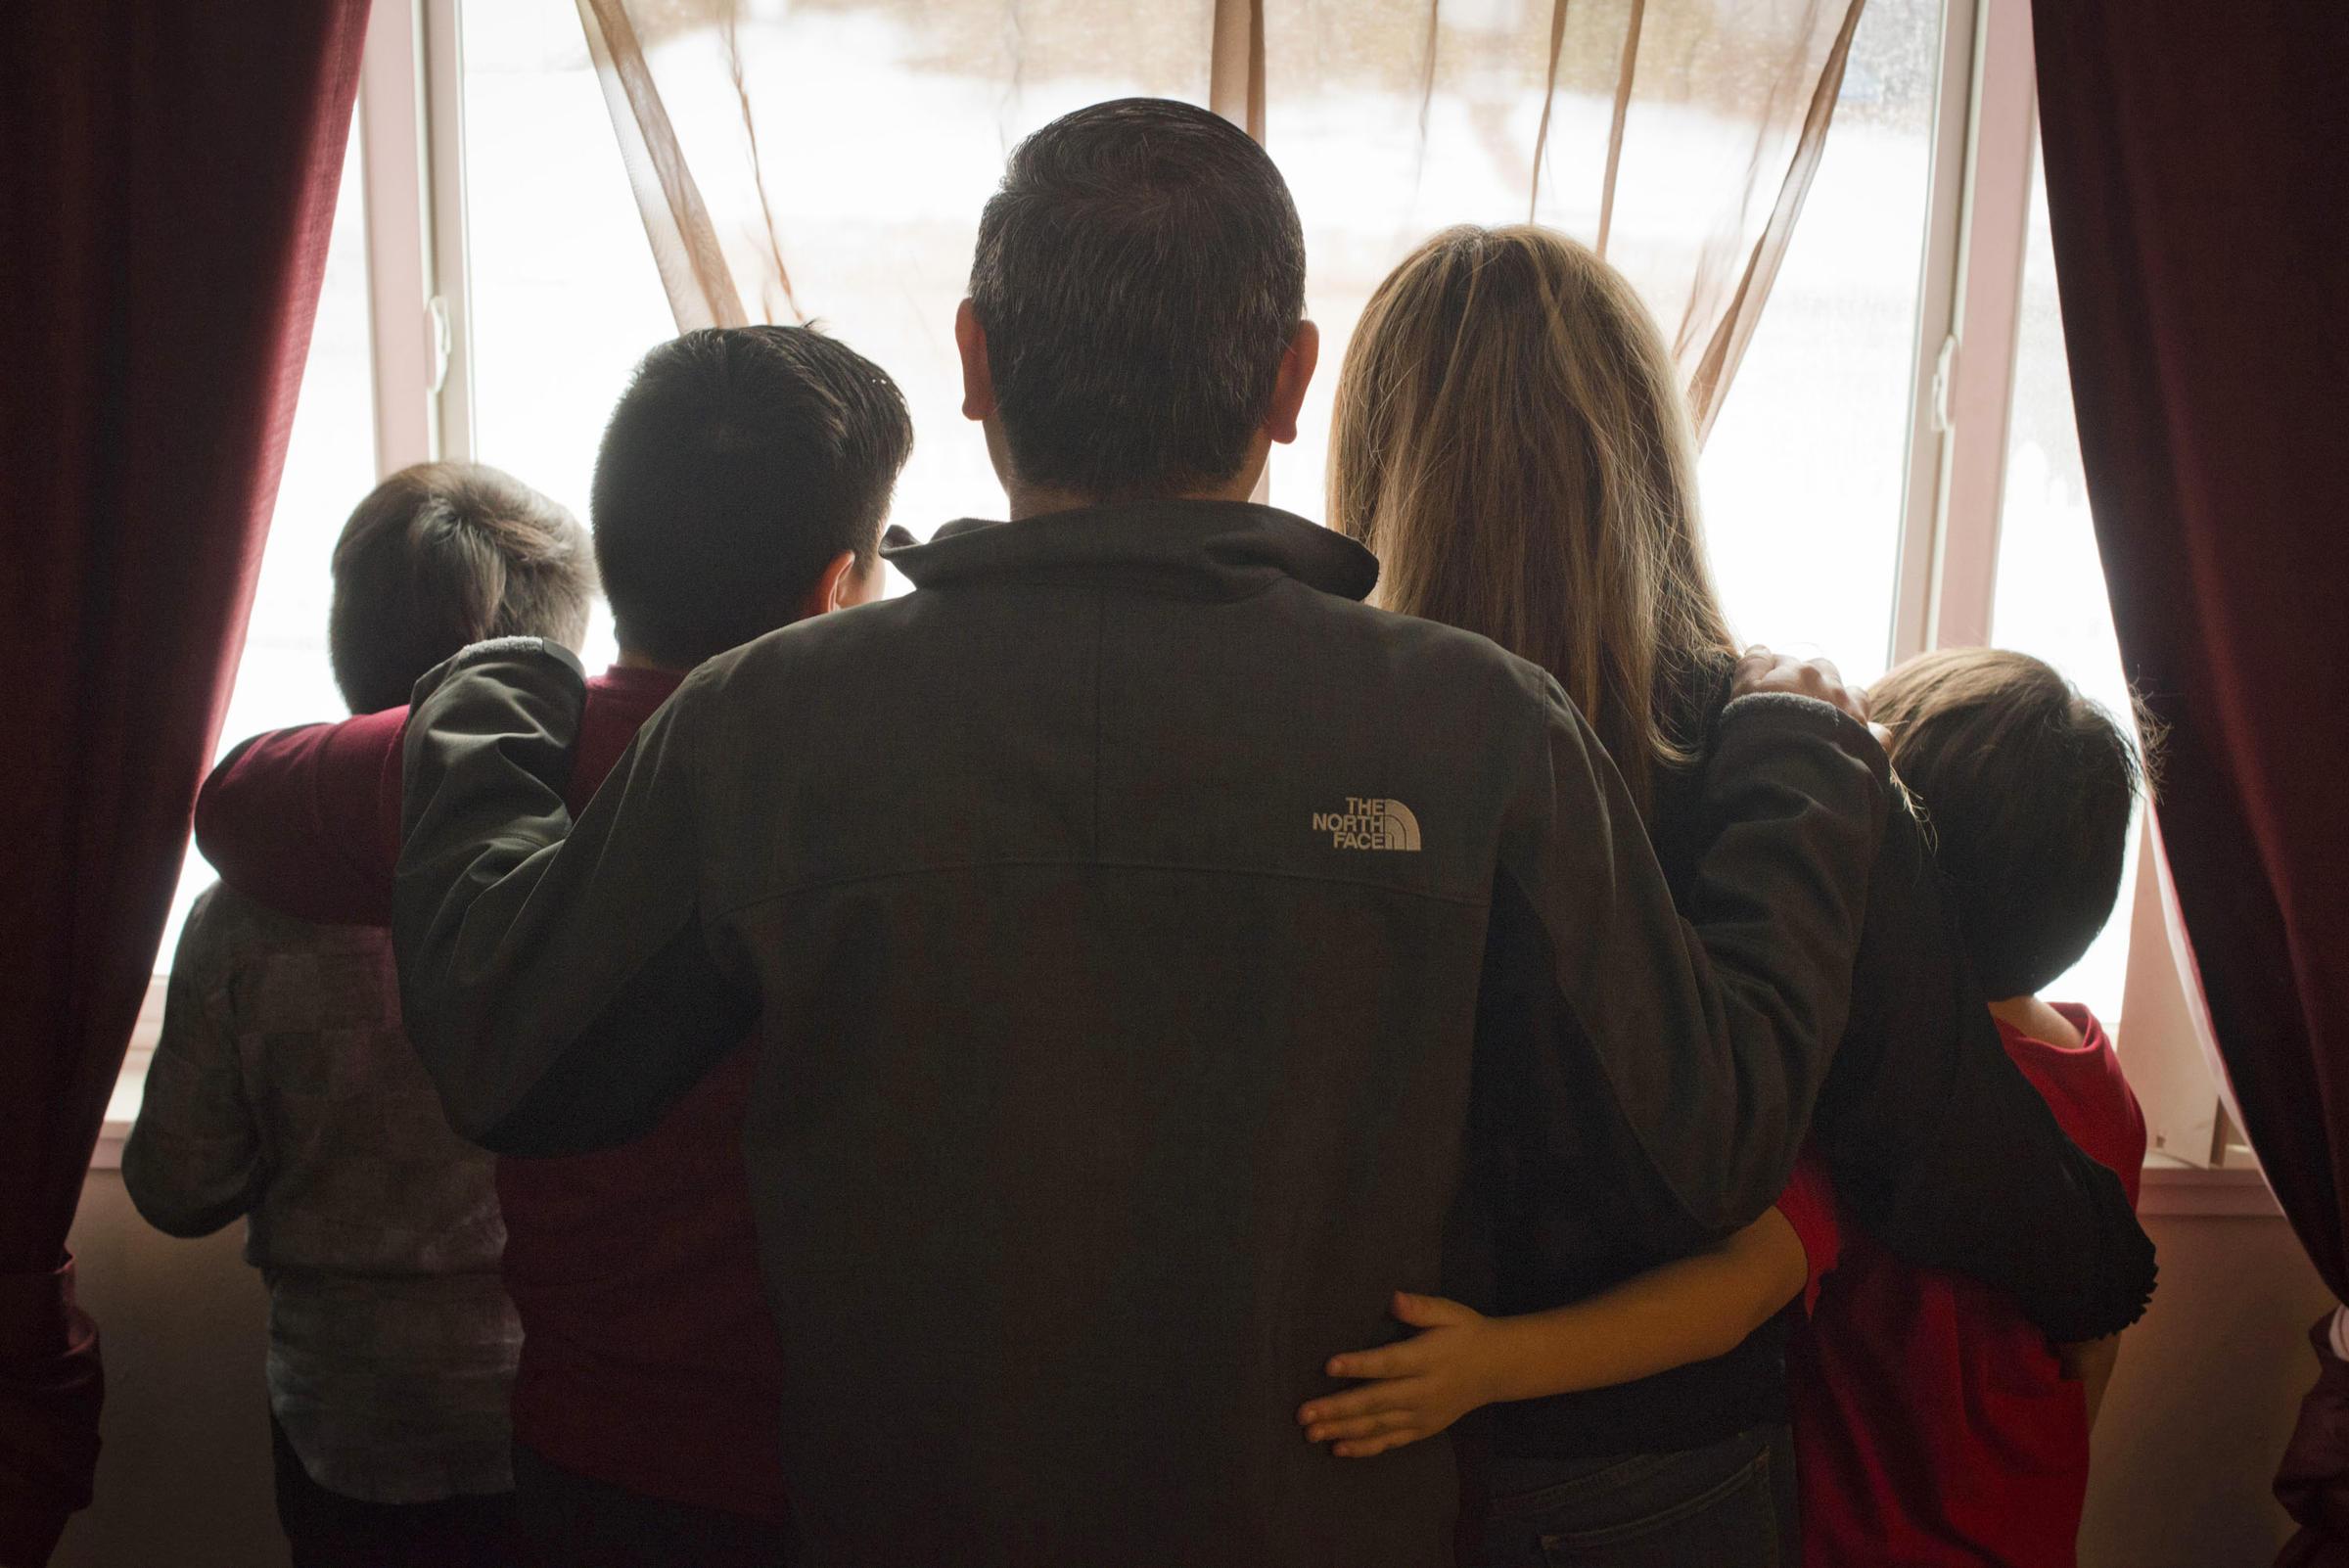 Padre esposo e inmigrante detenido y con el riesgo de - Manuel riesgo villaverde ...